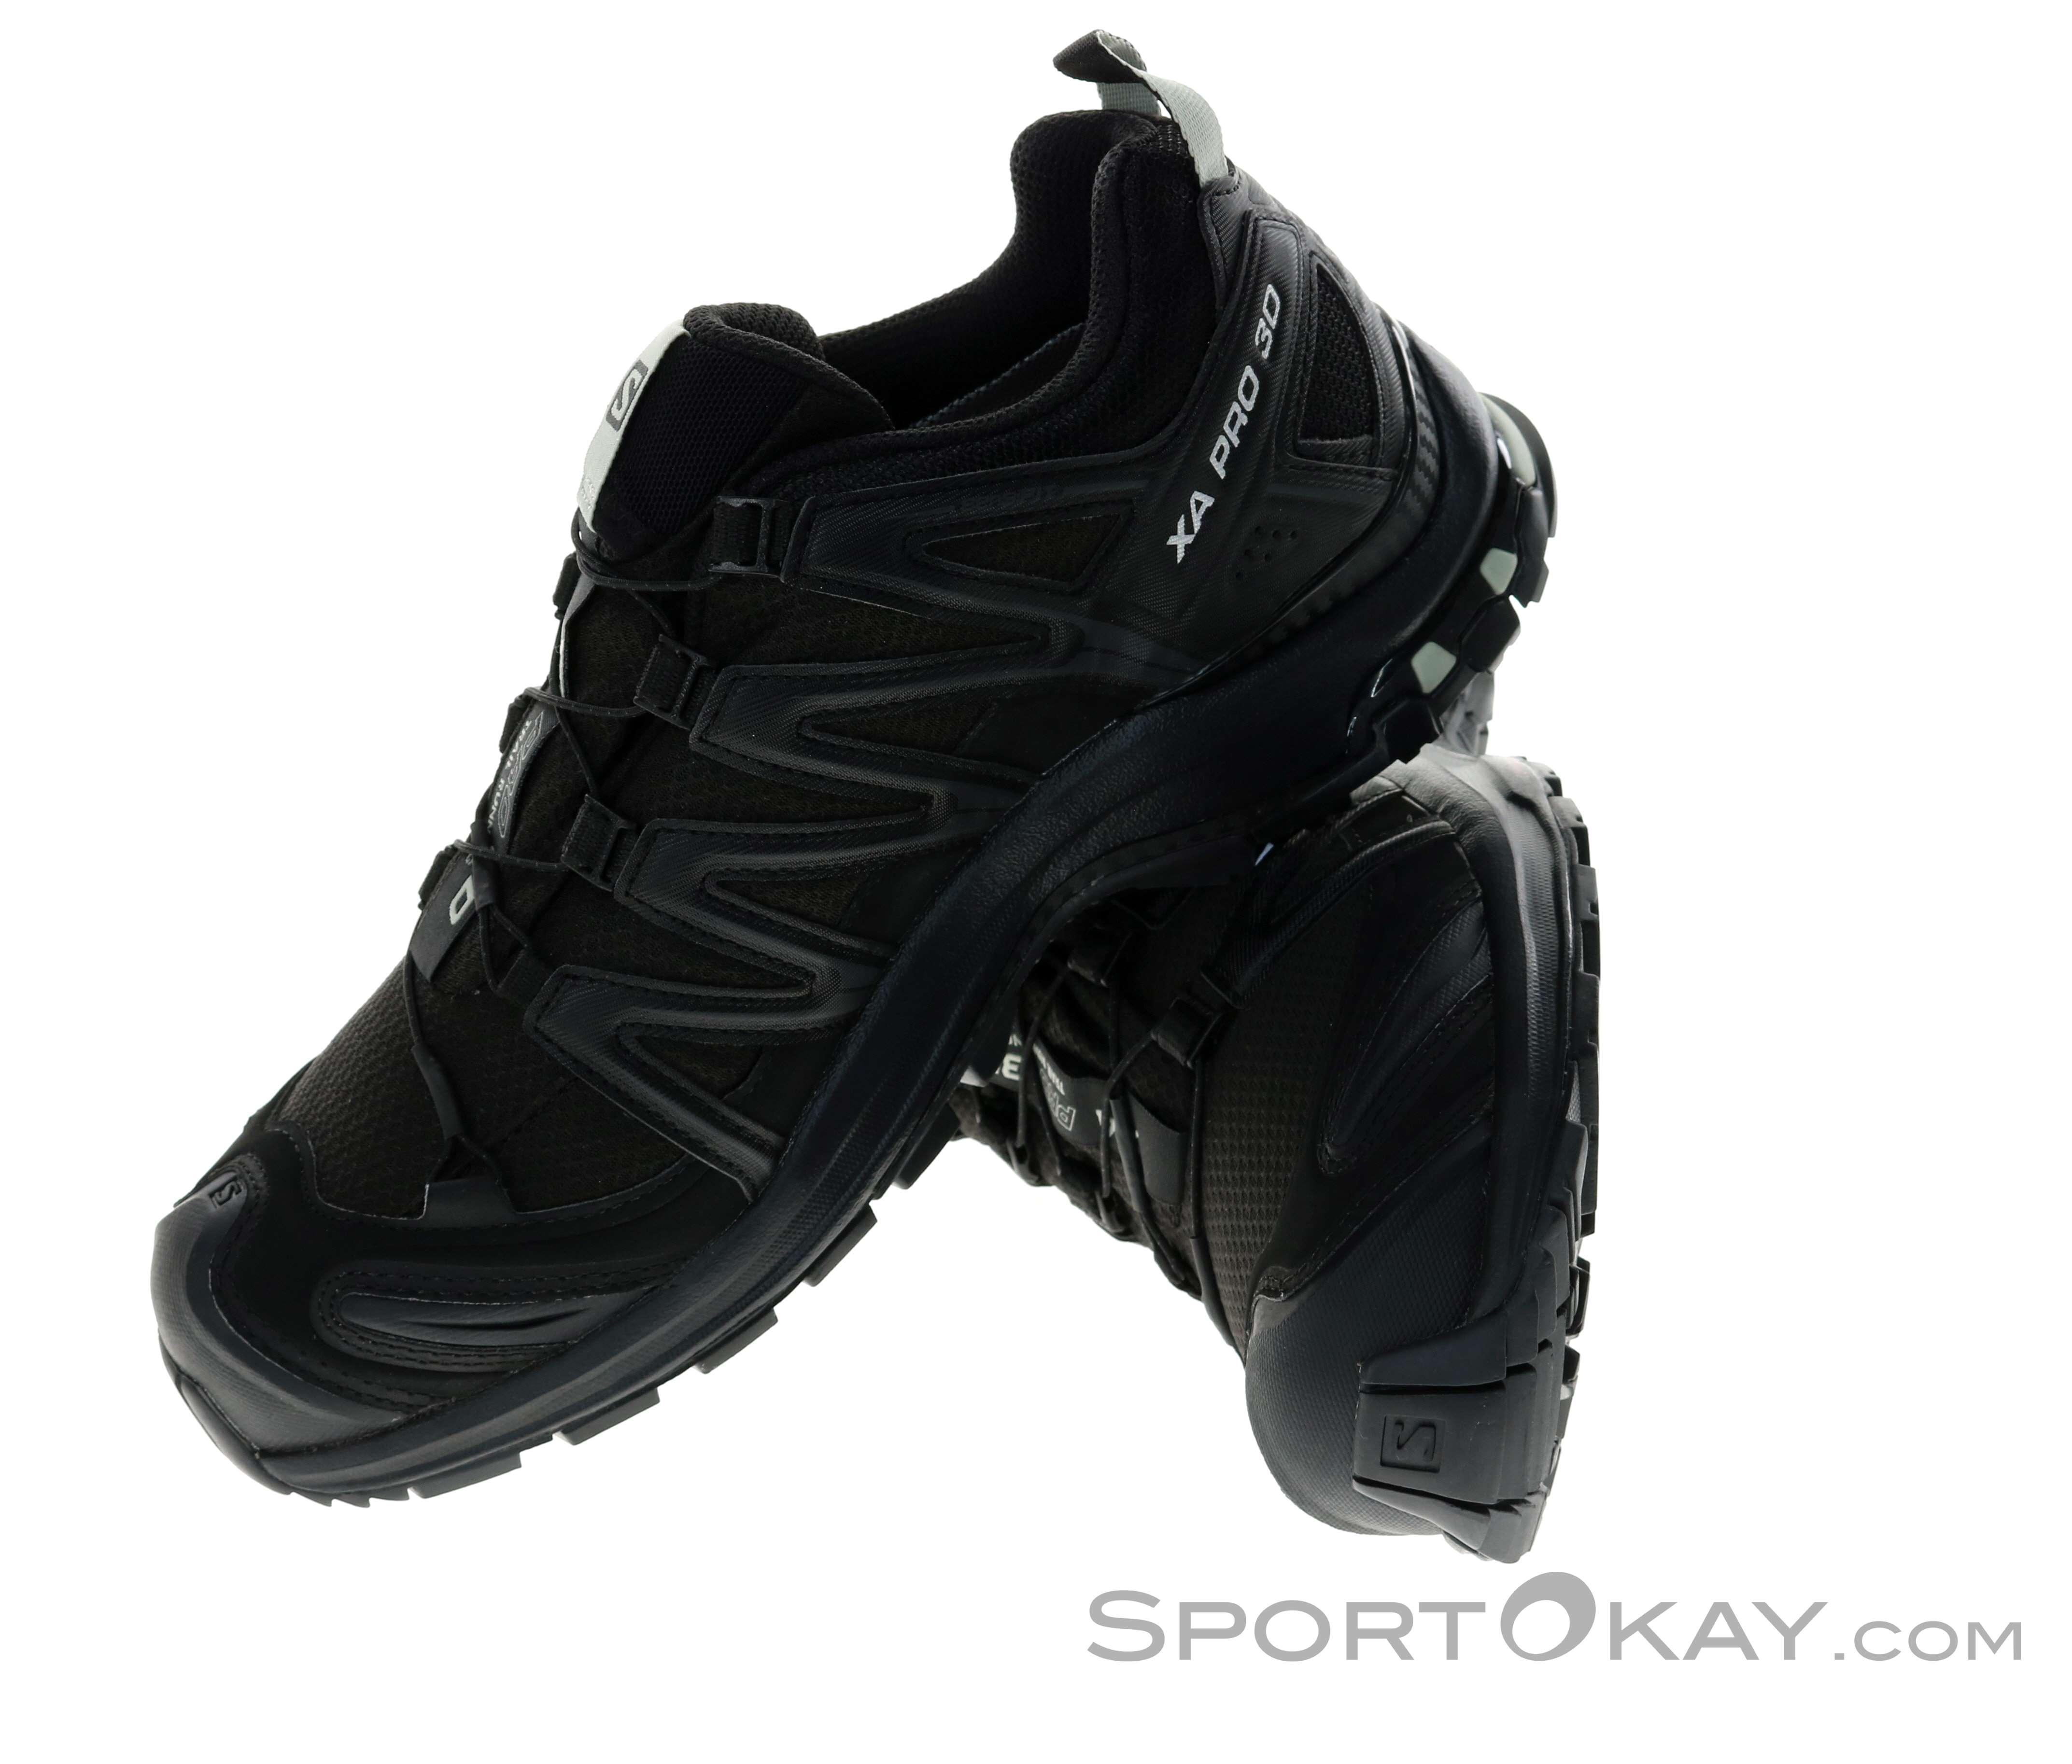 Salomon XA Pro 3D GTX Damen Traillaufschuhe Gore Tex